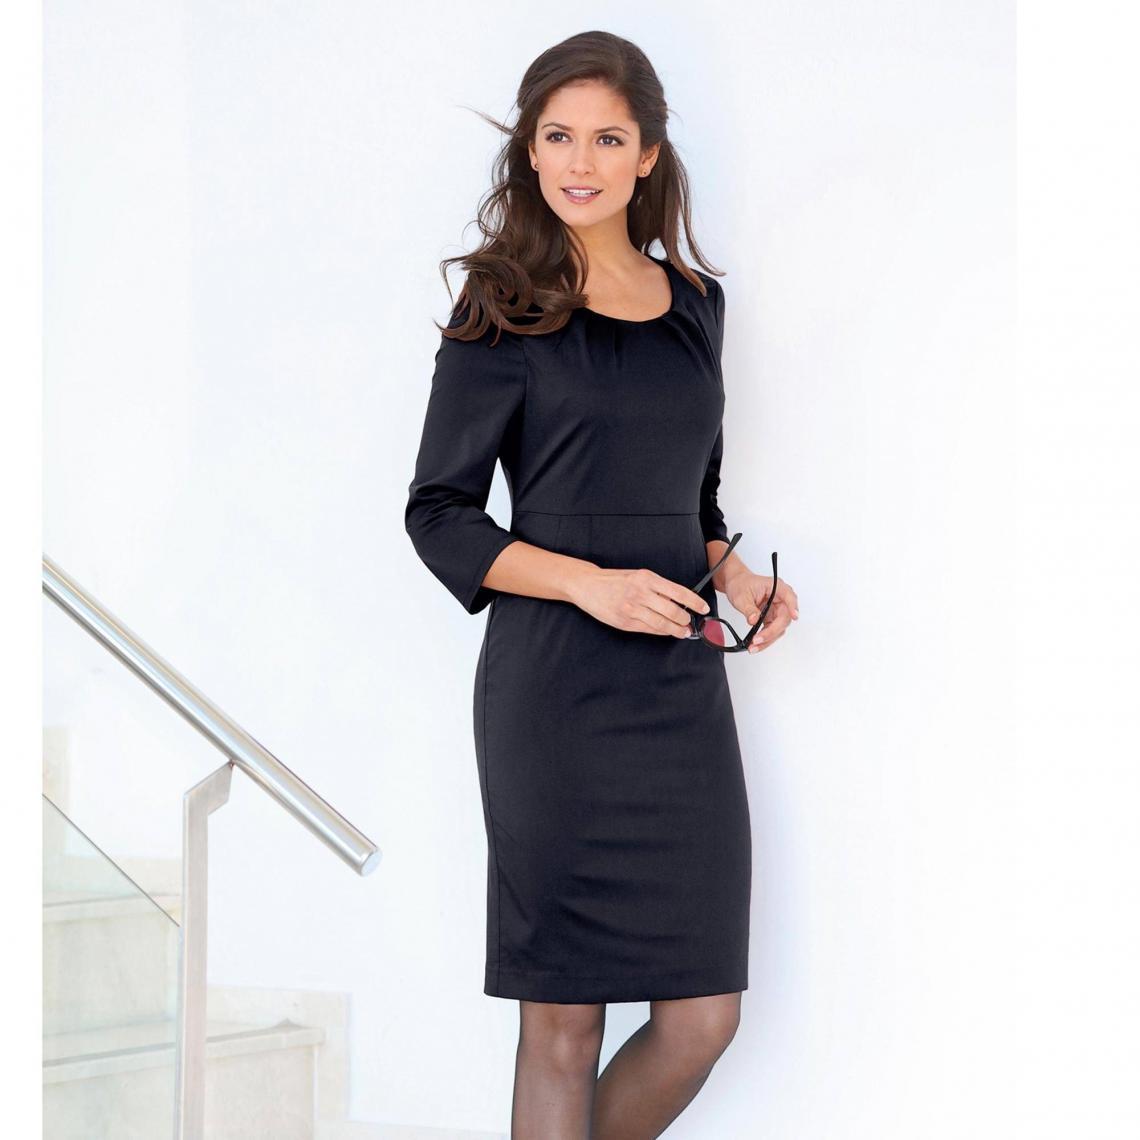 Robe courte femme - Noir - 3 SUISSES - Modalova